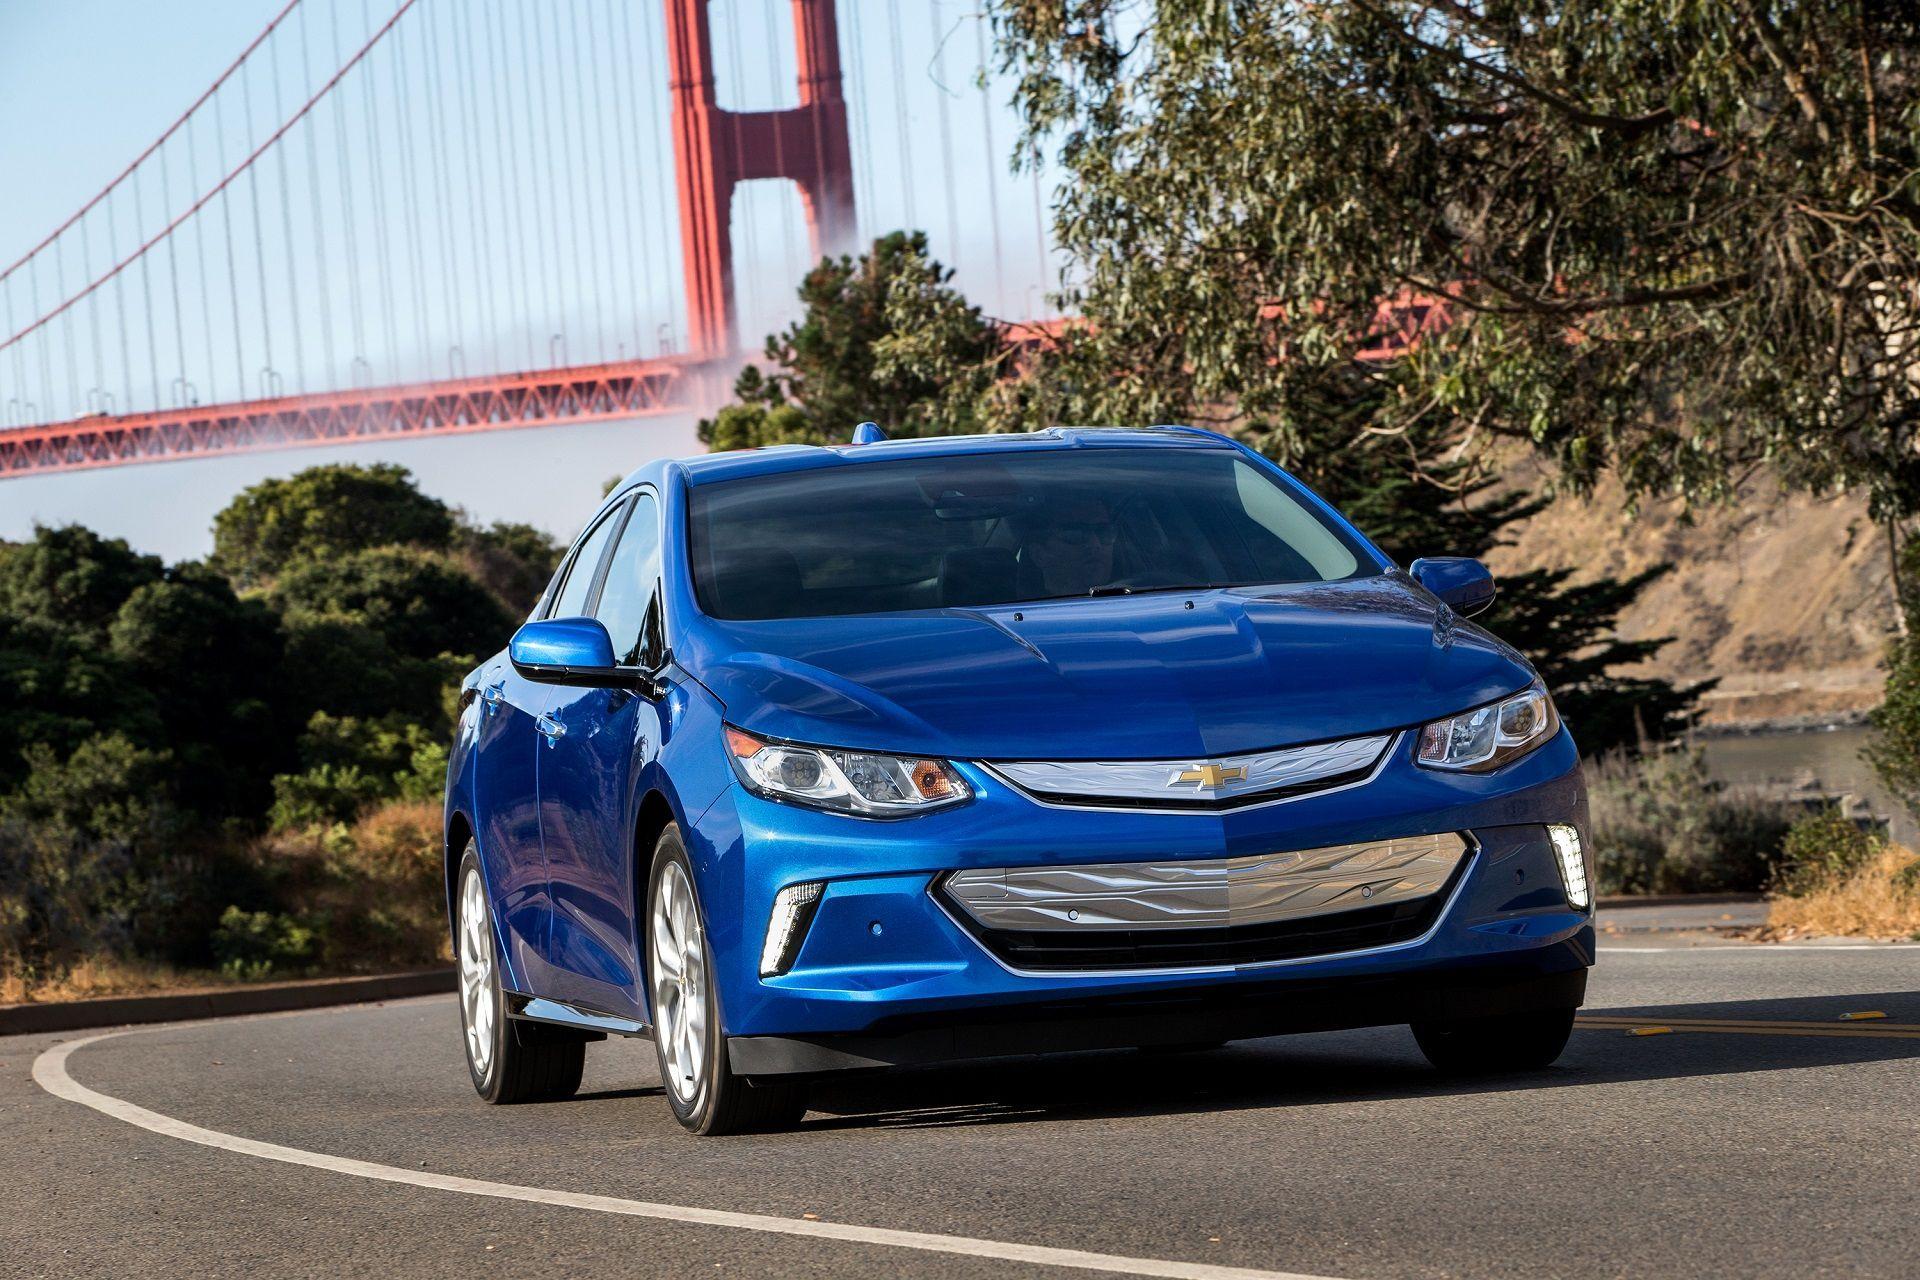 2020 Chevrolet Volt Picture